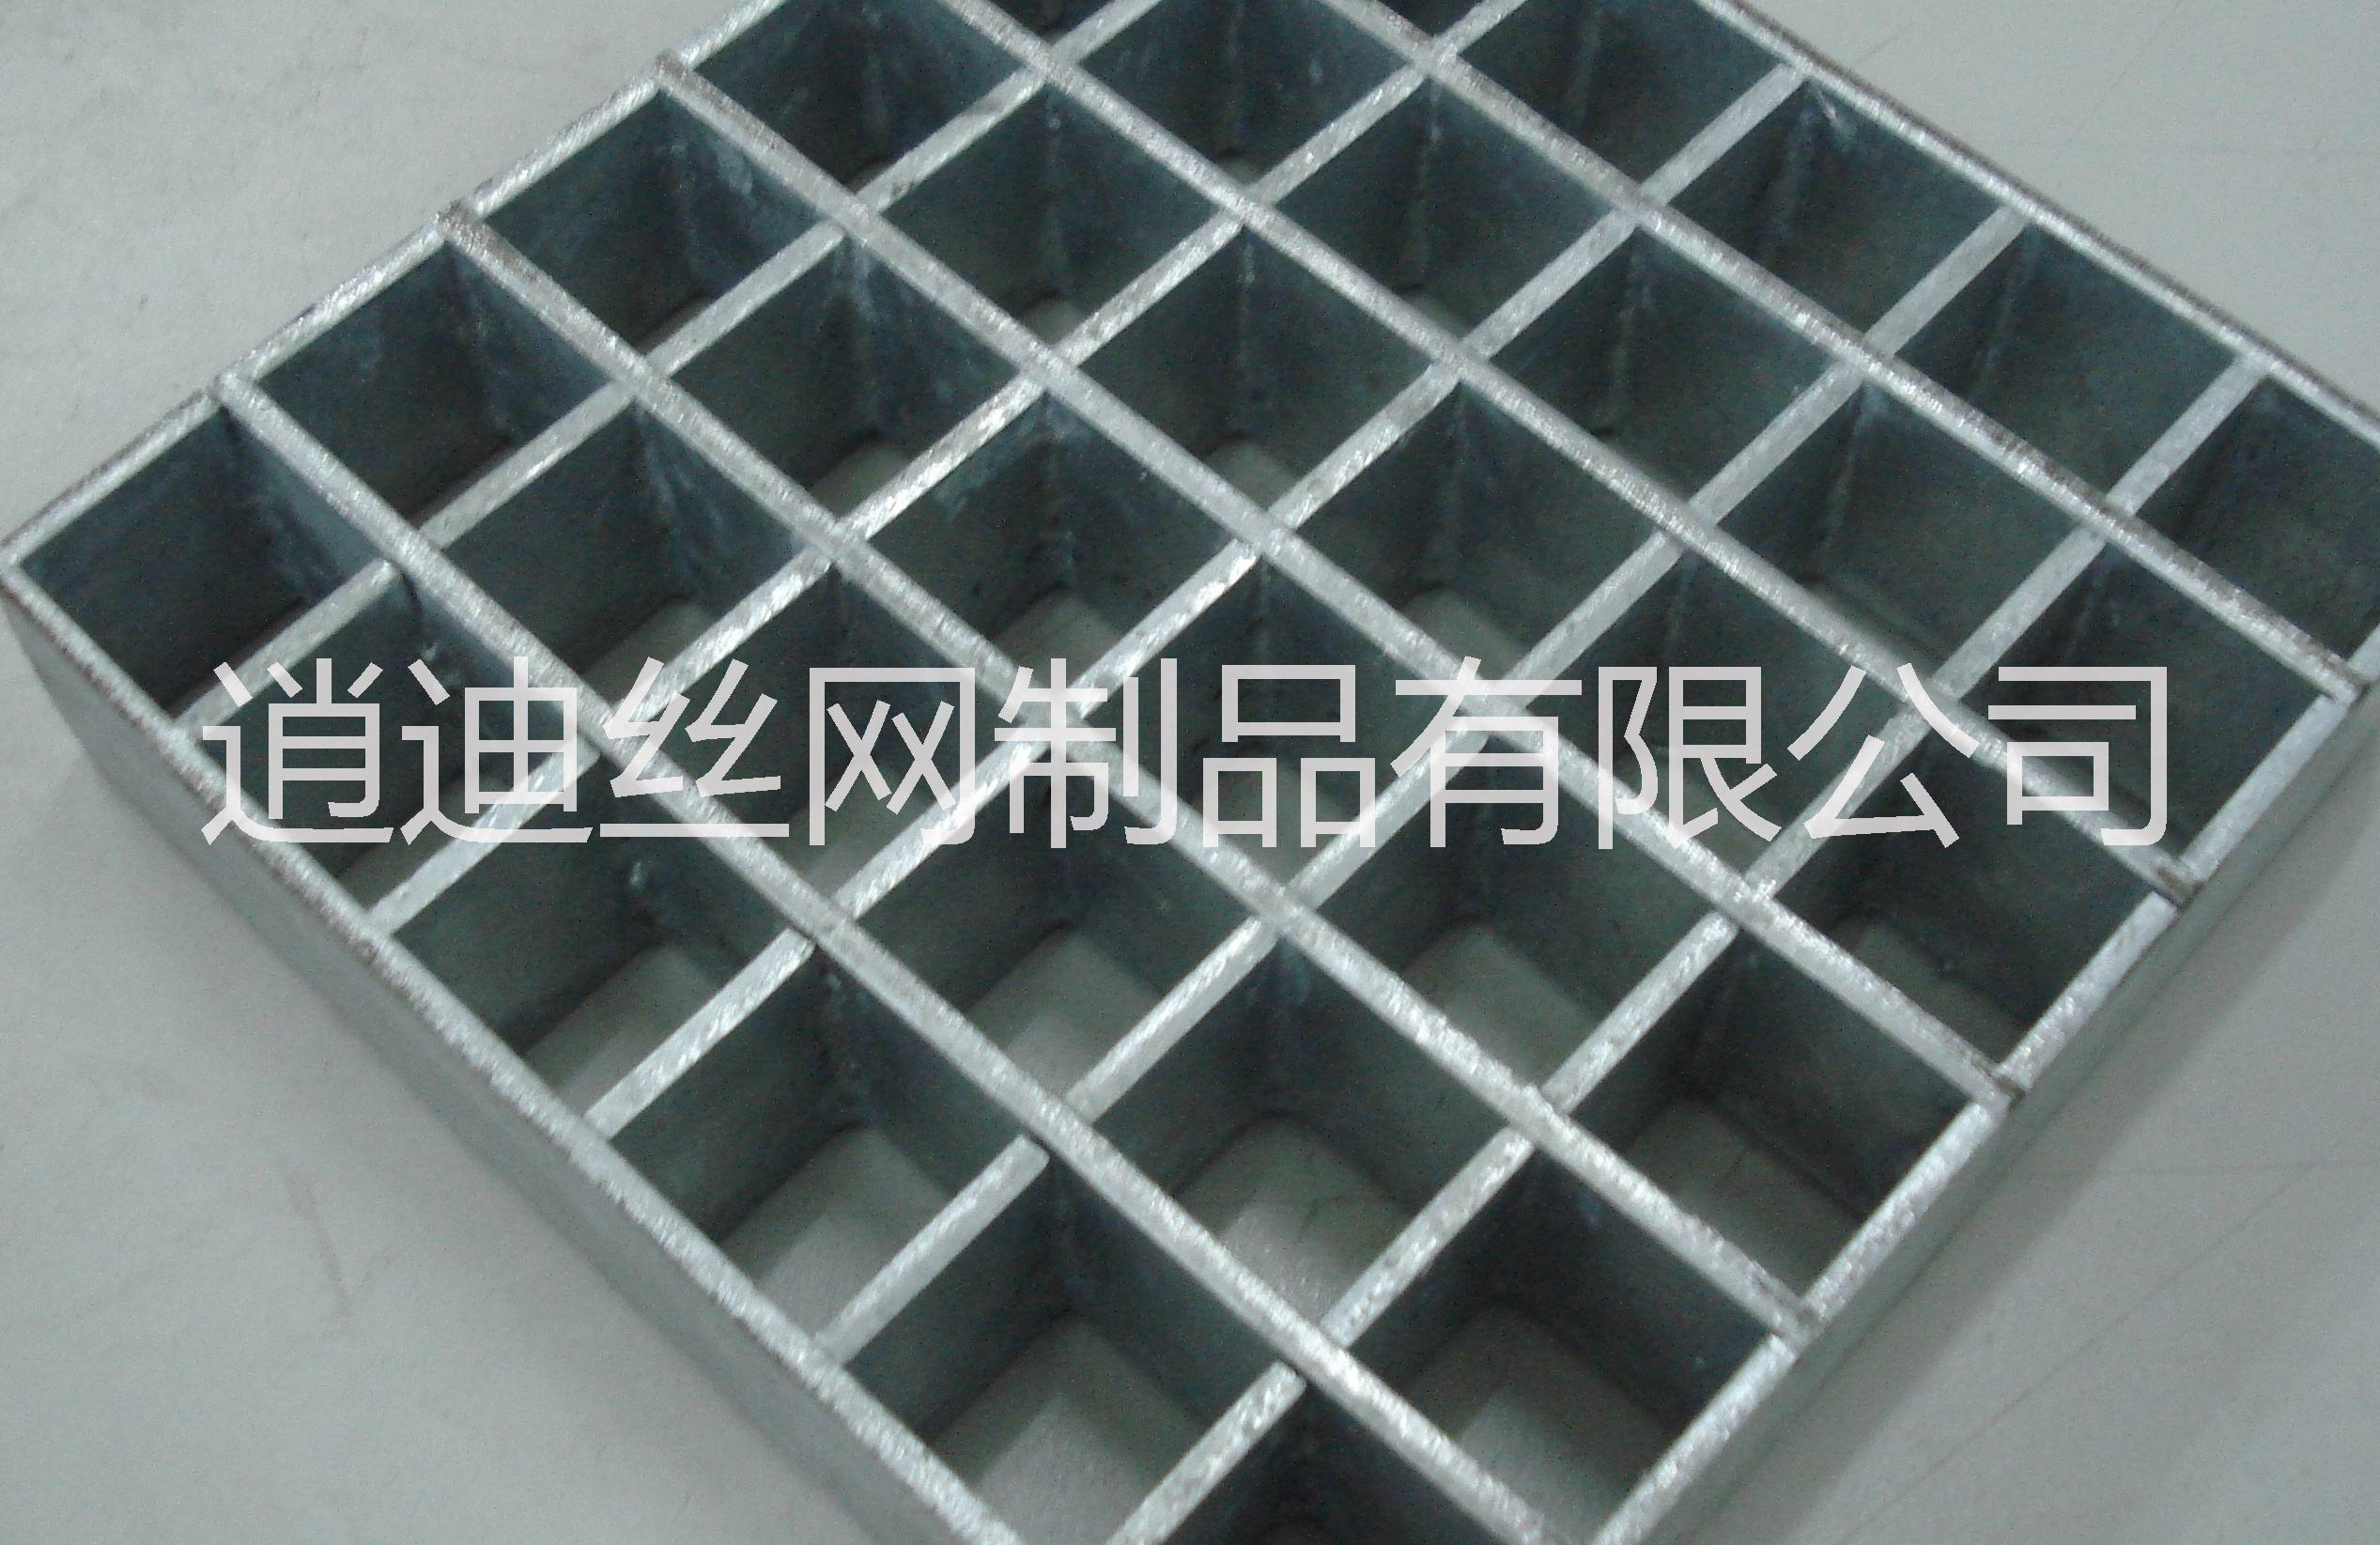 过道用沟盖板 承重40吨图片/过道用沟盖板 承重40吨样板图 (4)